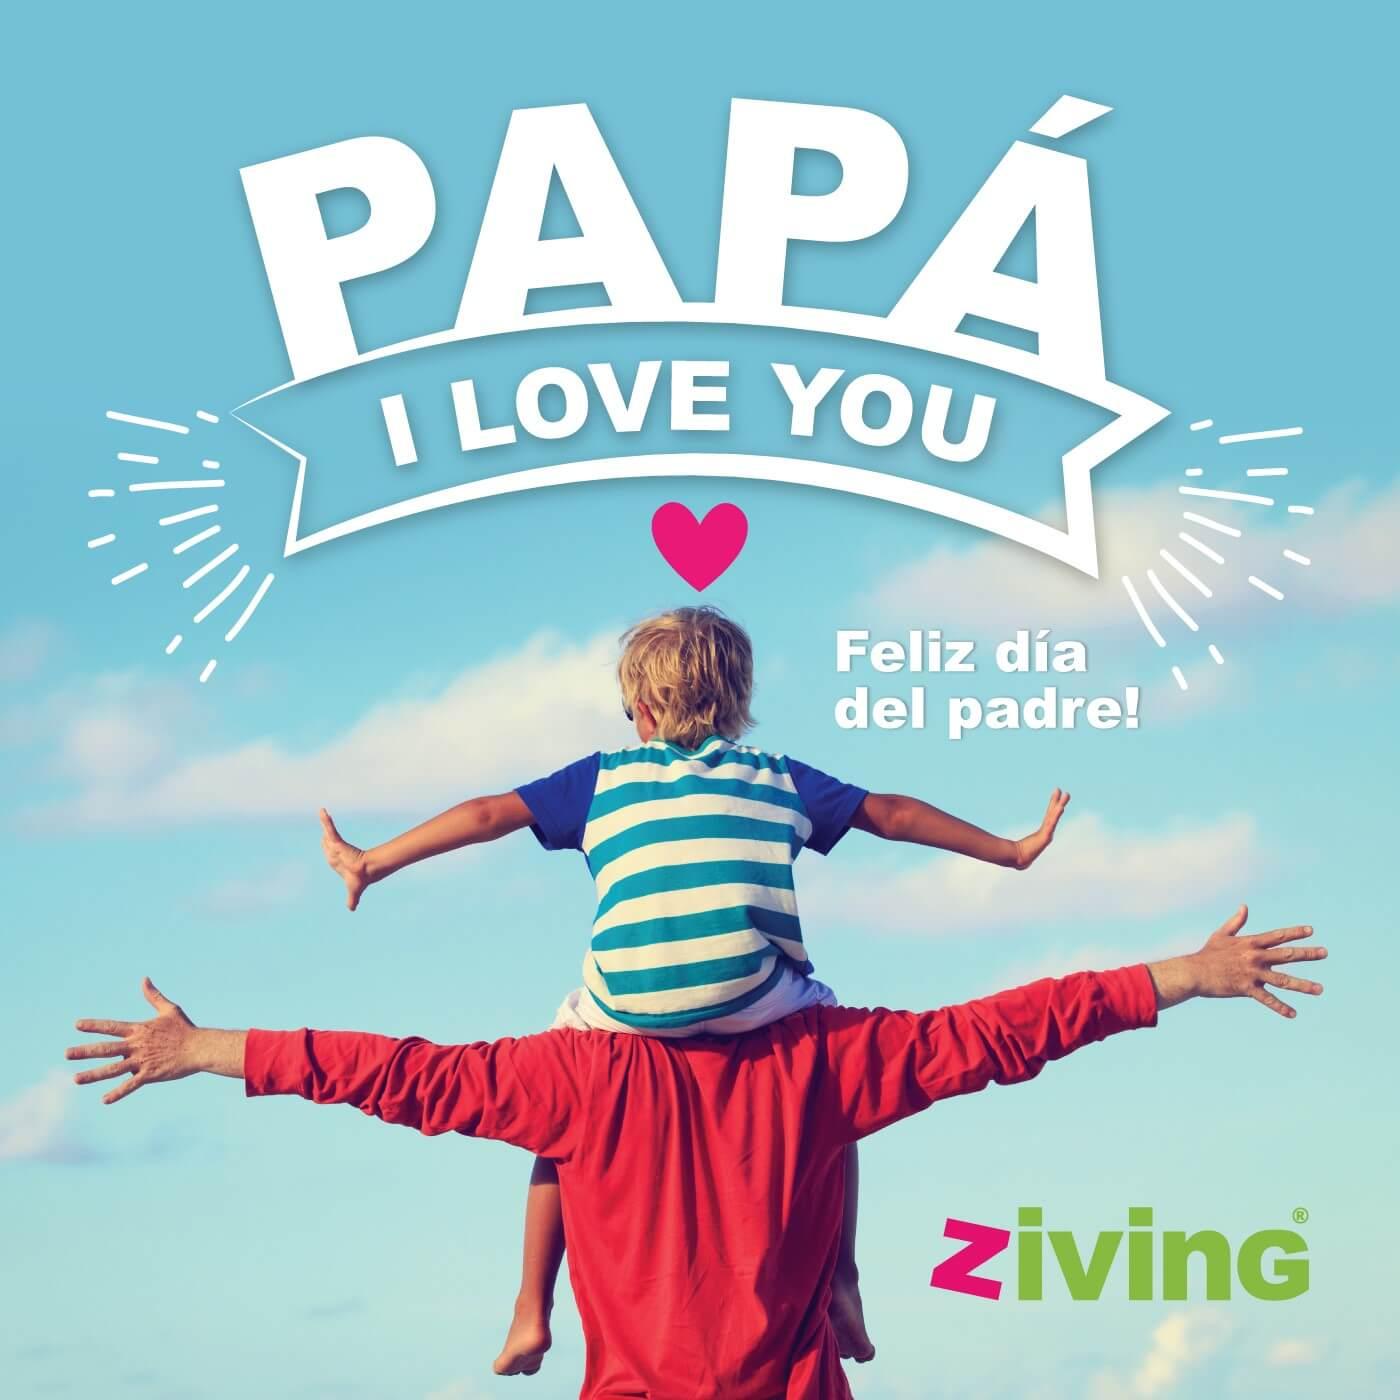 Nos hace muchísima ilusión celebrar un día como hoy: el día del padre, esa persona tan especial y única.